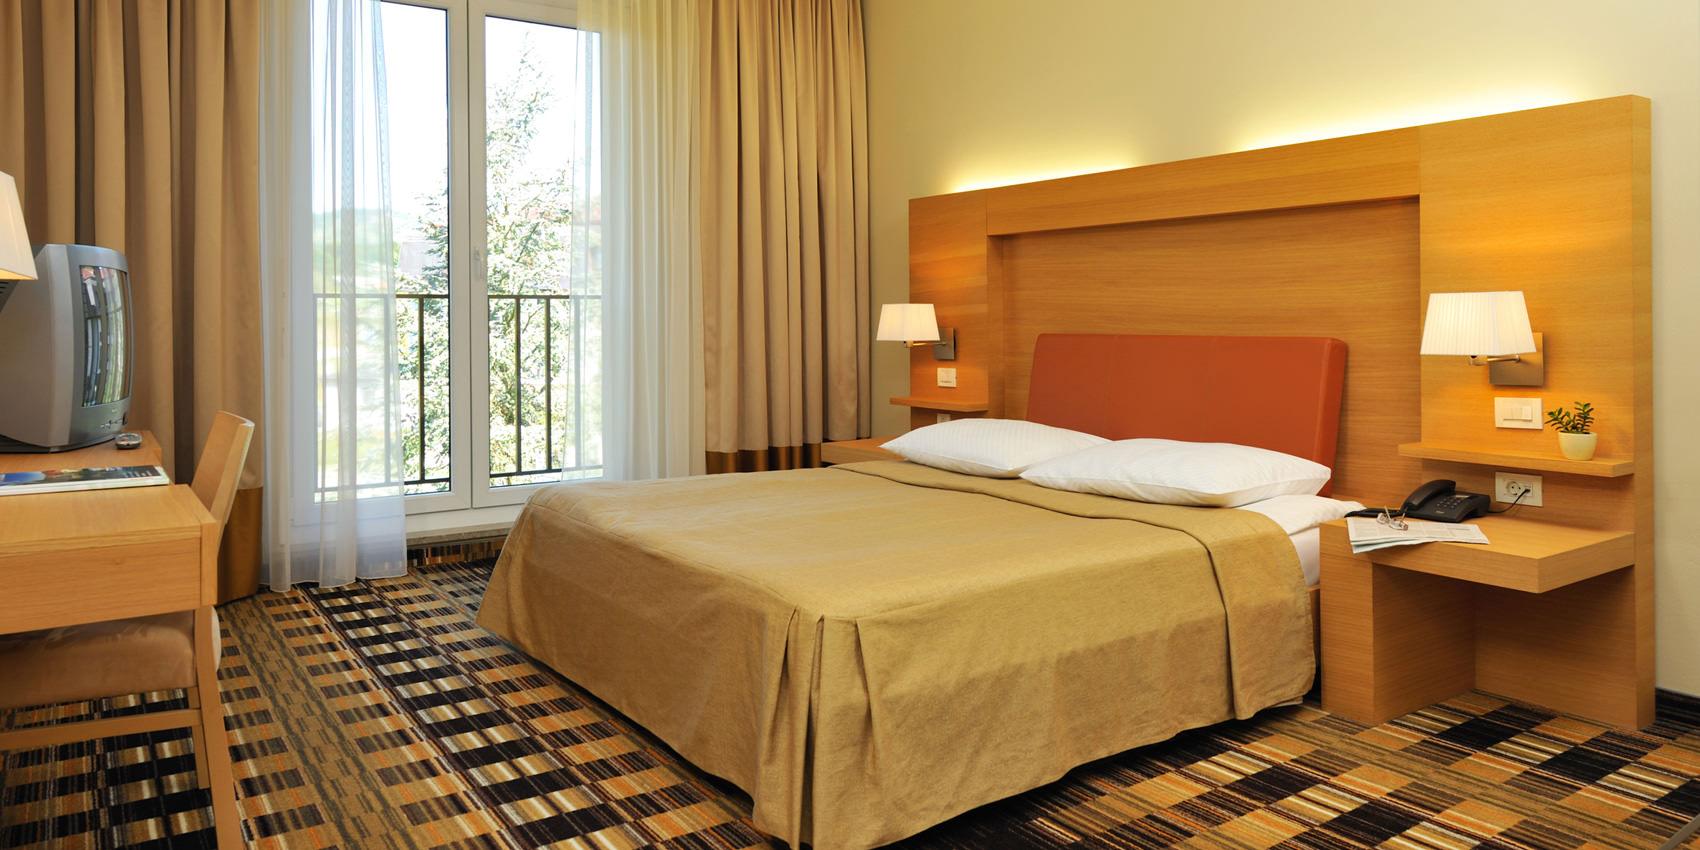 Hotel-smarjeta-soba1